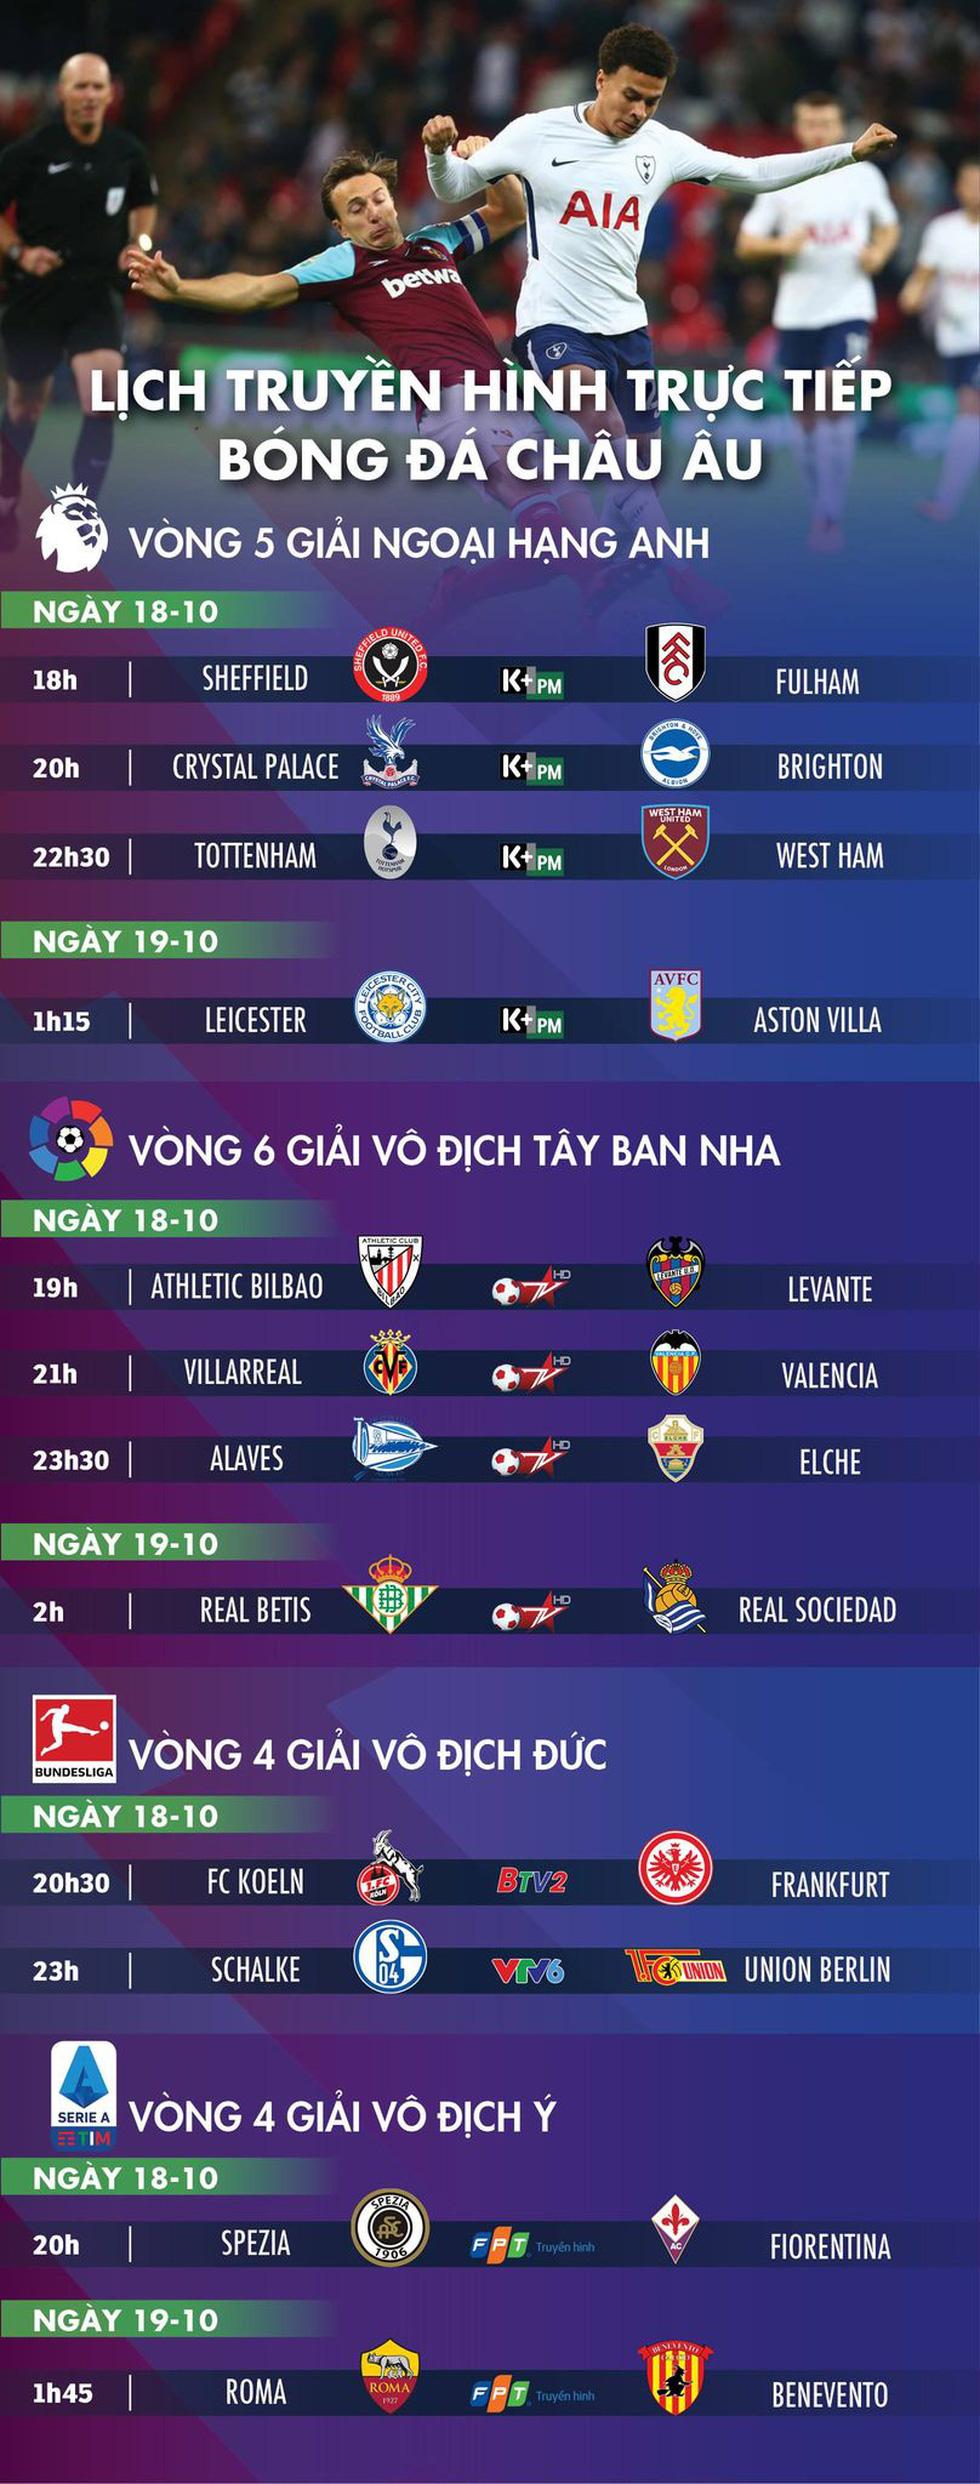 Lịch trực tiếp bóng đá châu Âu ngày 18-10: Tâm điểm Tottenham - Ảnh 1.